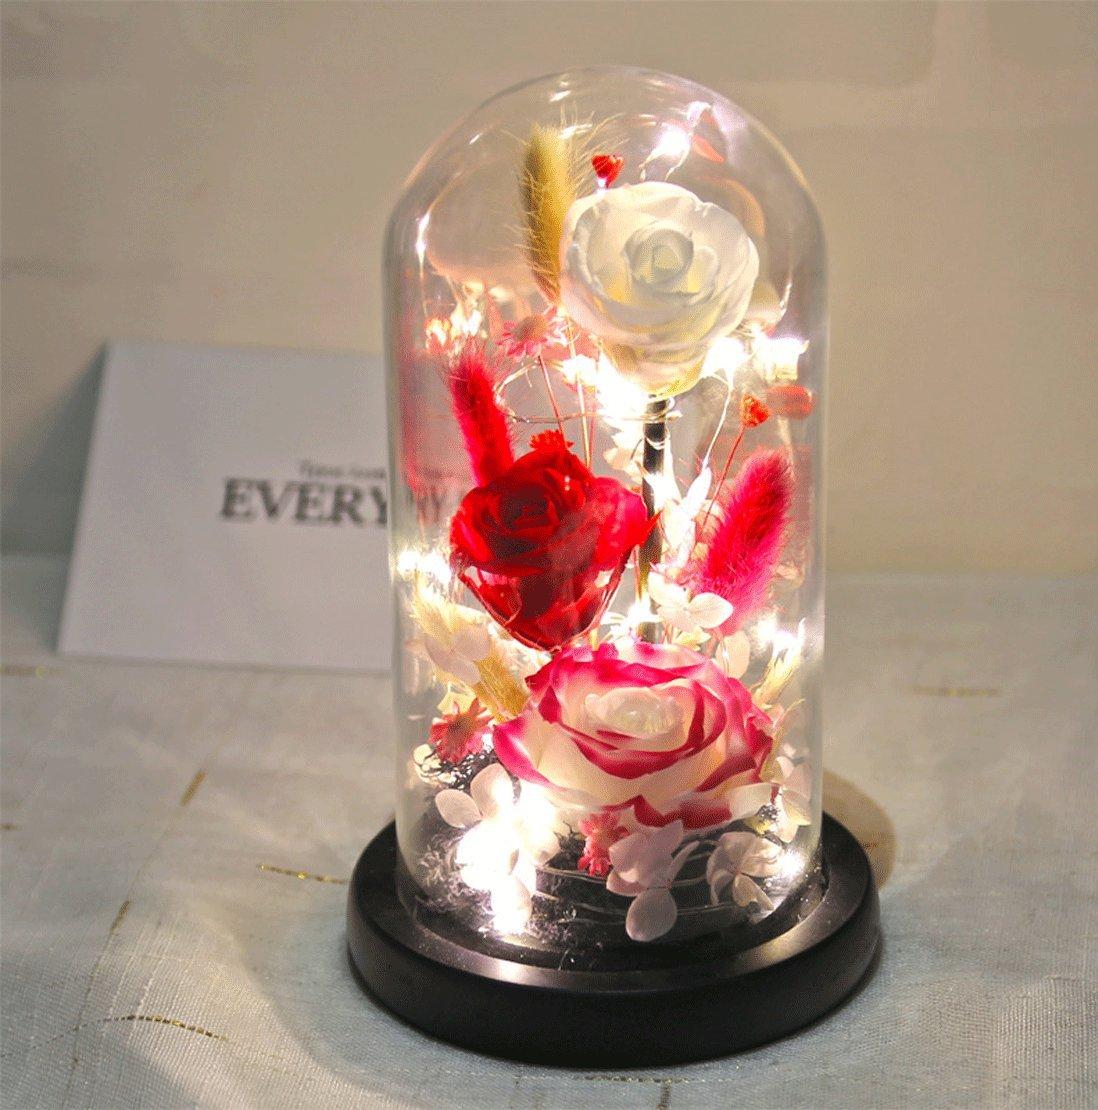 Baobab 's Wish Preserved Fresh花、Enchantedローズ、LEDライトストリップ自然Eternal Lifeローズinガラスドームカバーwithギフトボックス新しいスタイル2018バッテリは含まれません One Size レッド B07DJ6HJLJ レッド-3